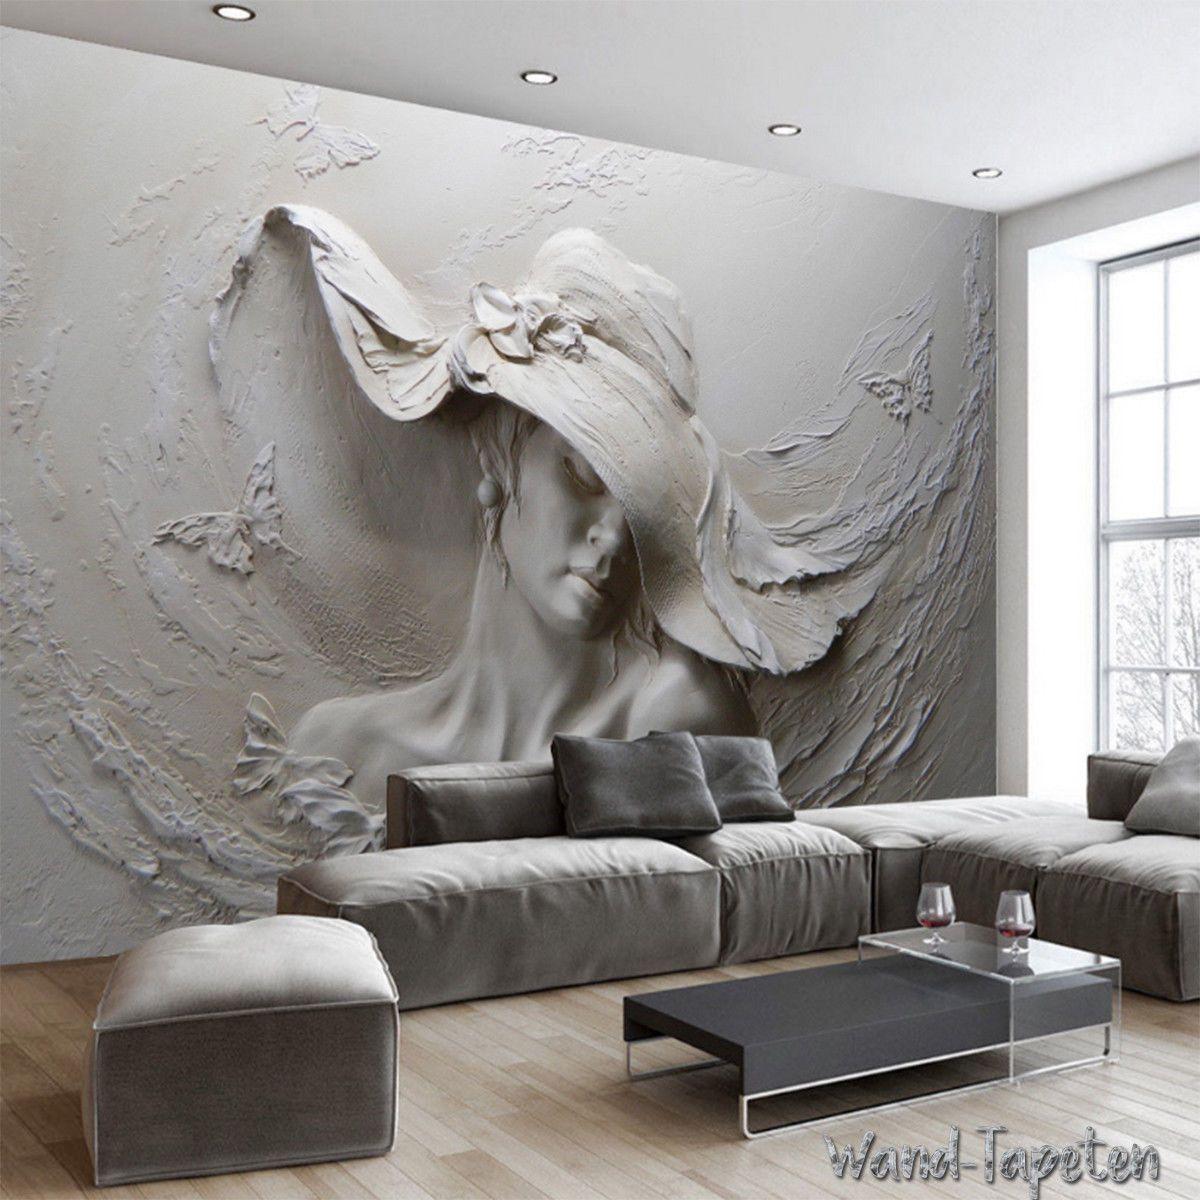 VLIES Fototapeten Wandtapeten Wandbilder 3D-Relief